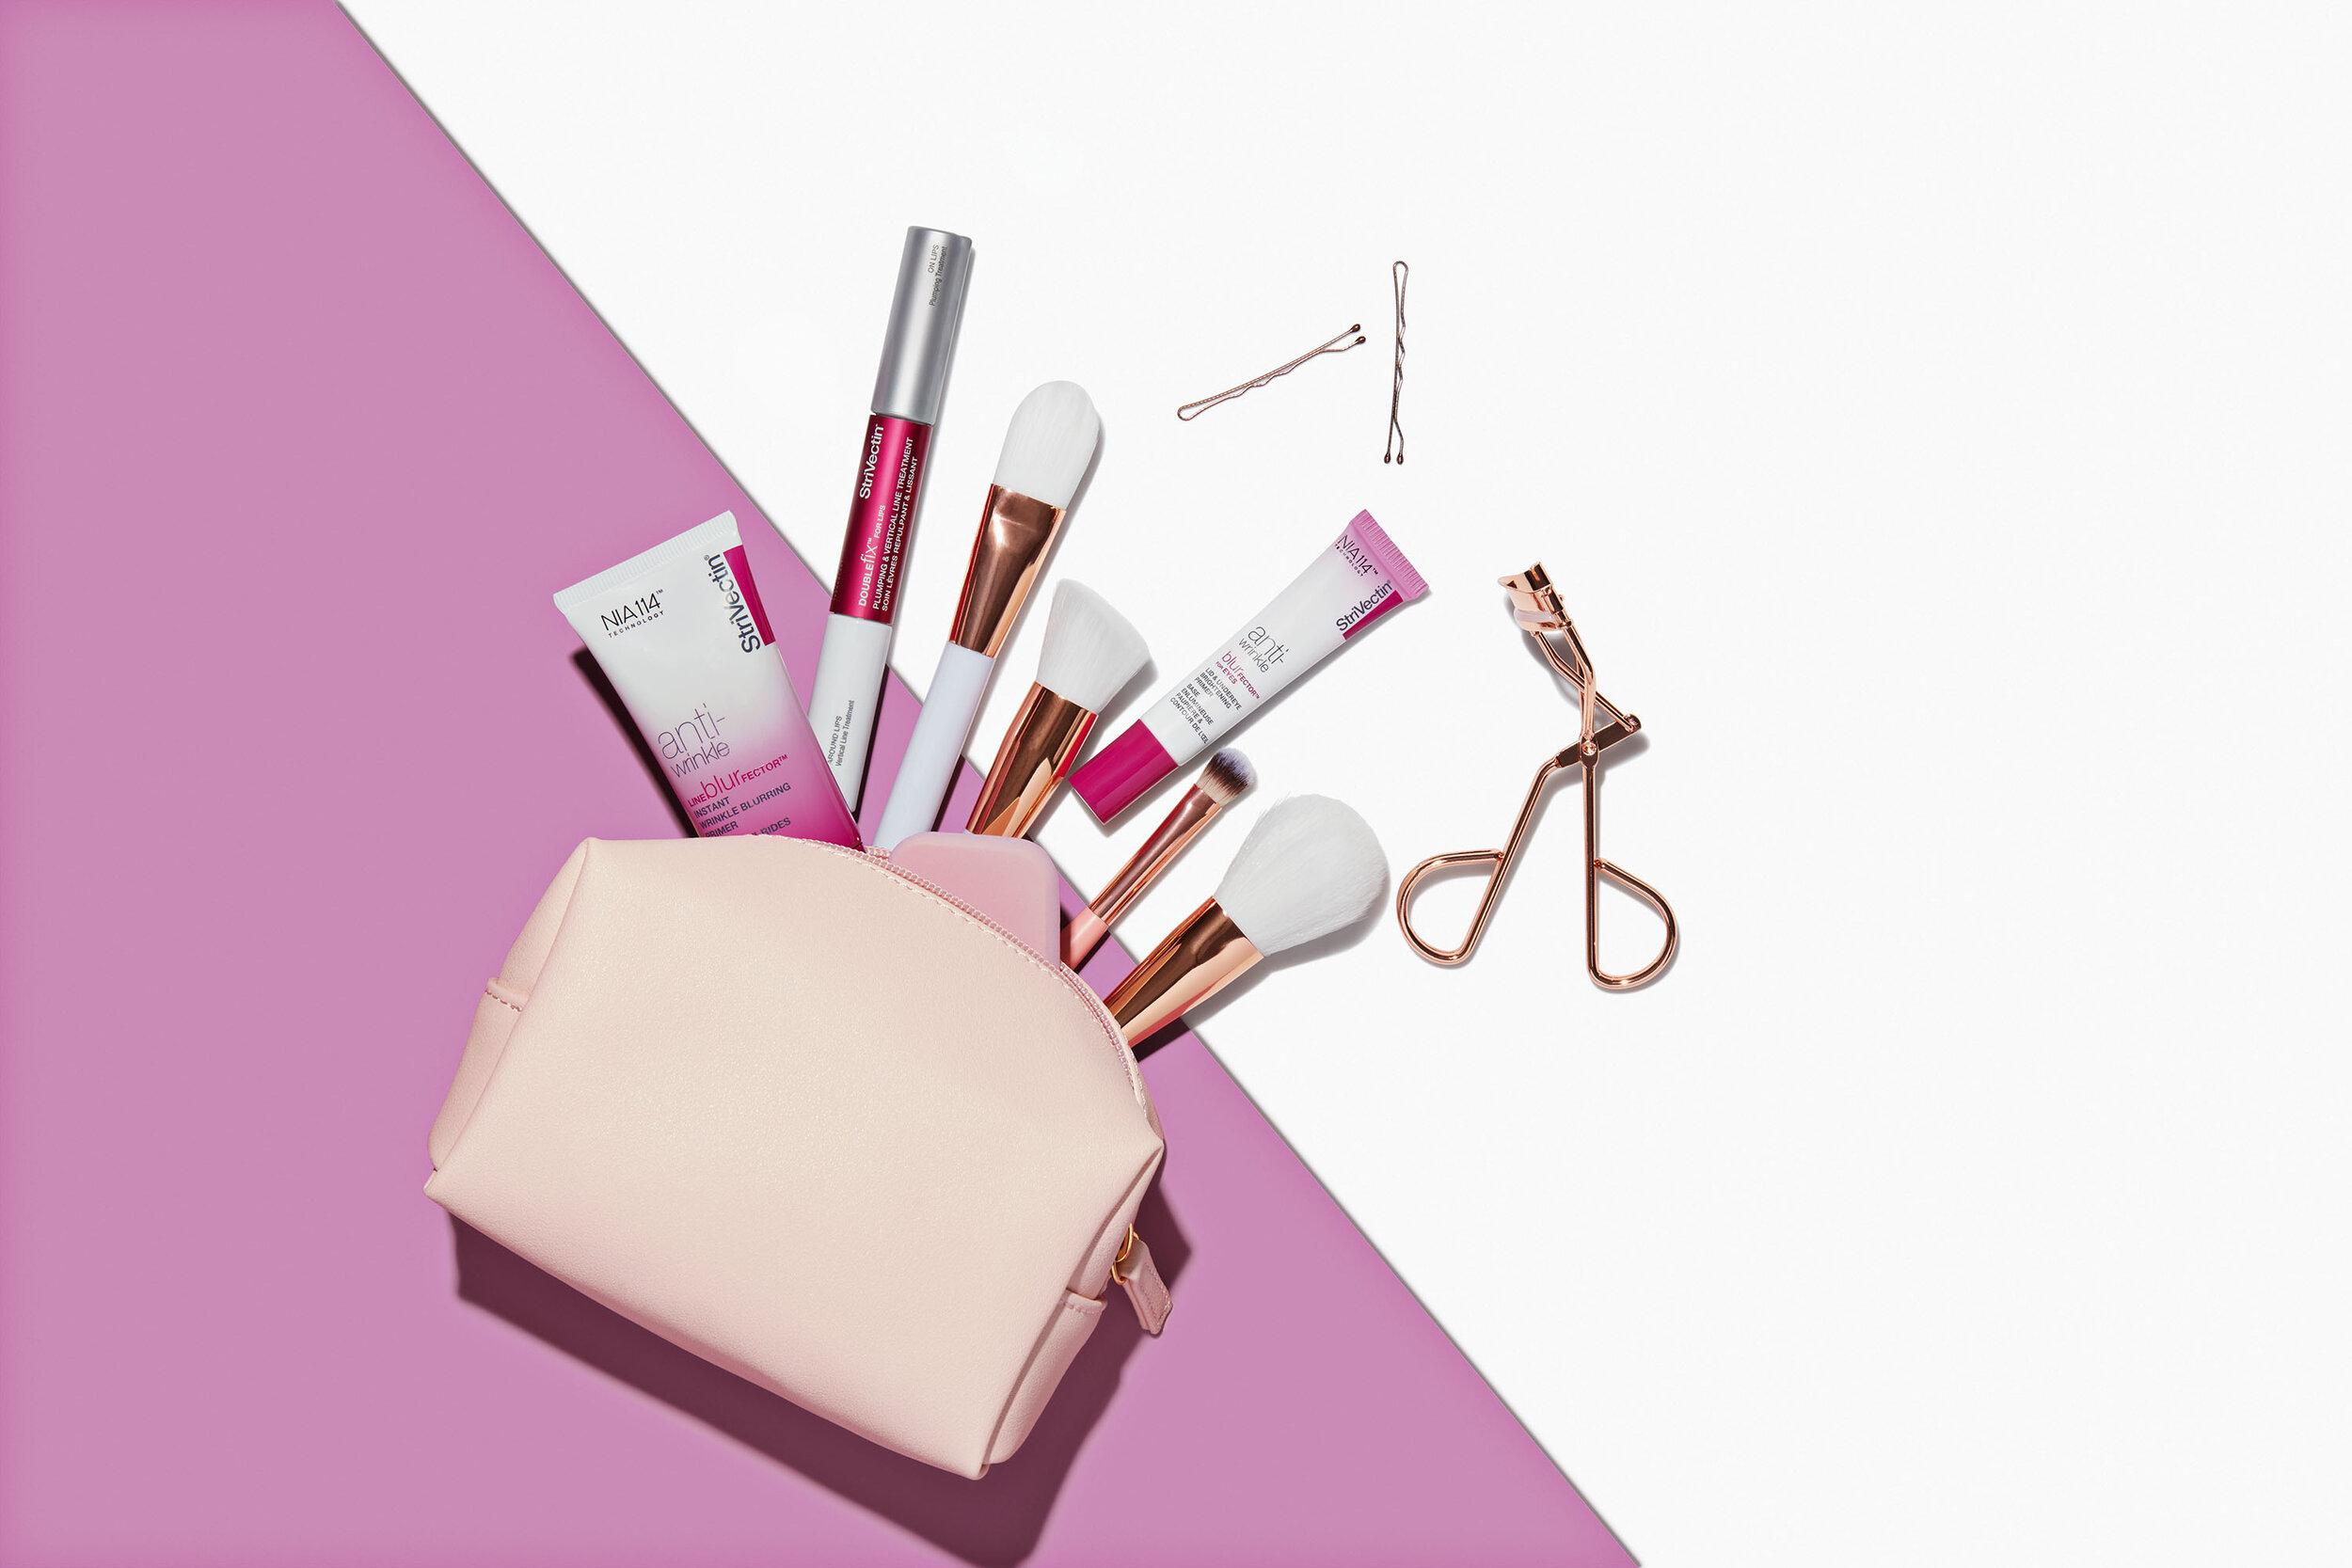 SH12_Makeup Brushes_106_MAIN_R2.jpg